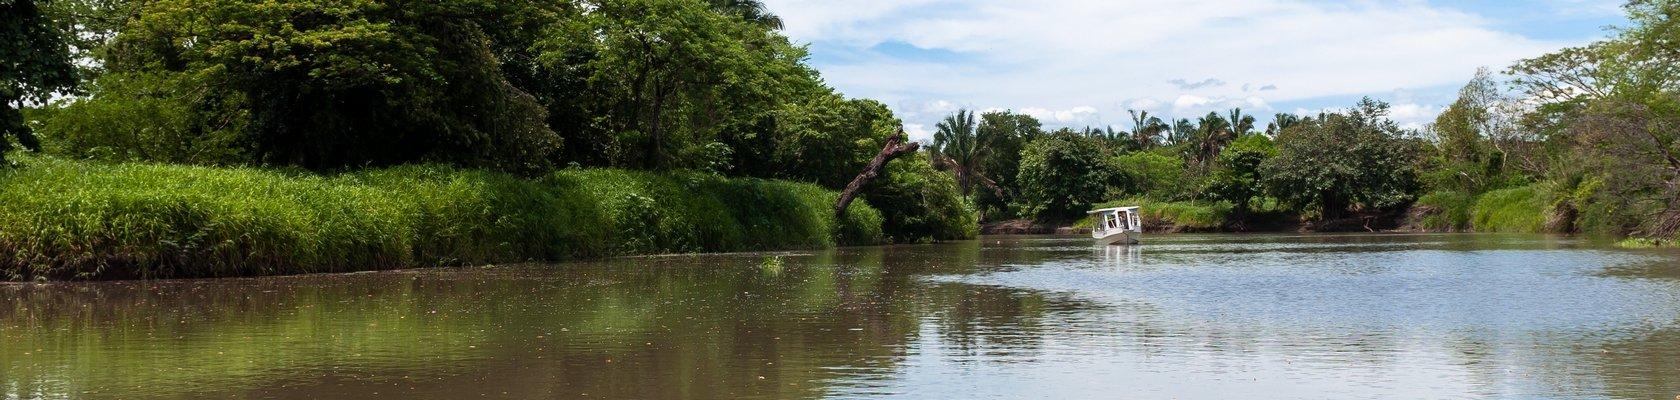 Puerto Viejo de Sarapiquí